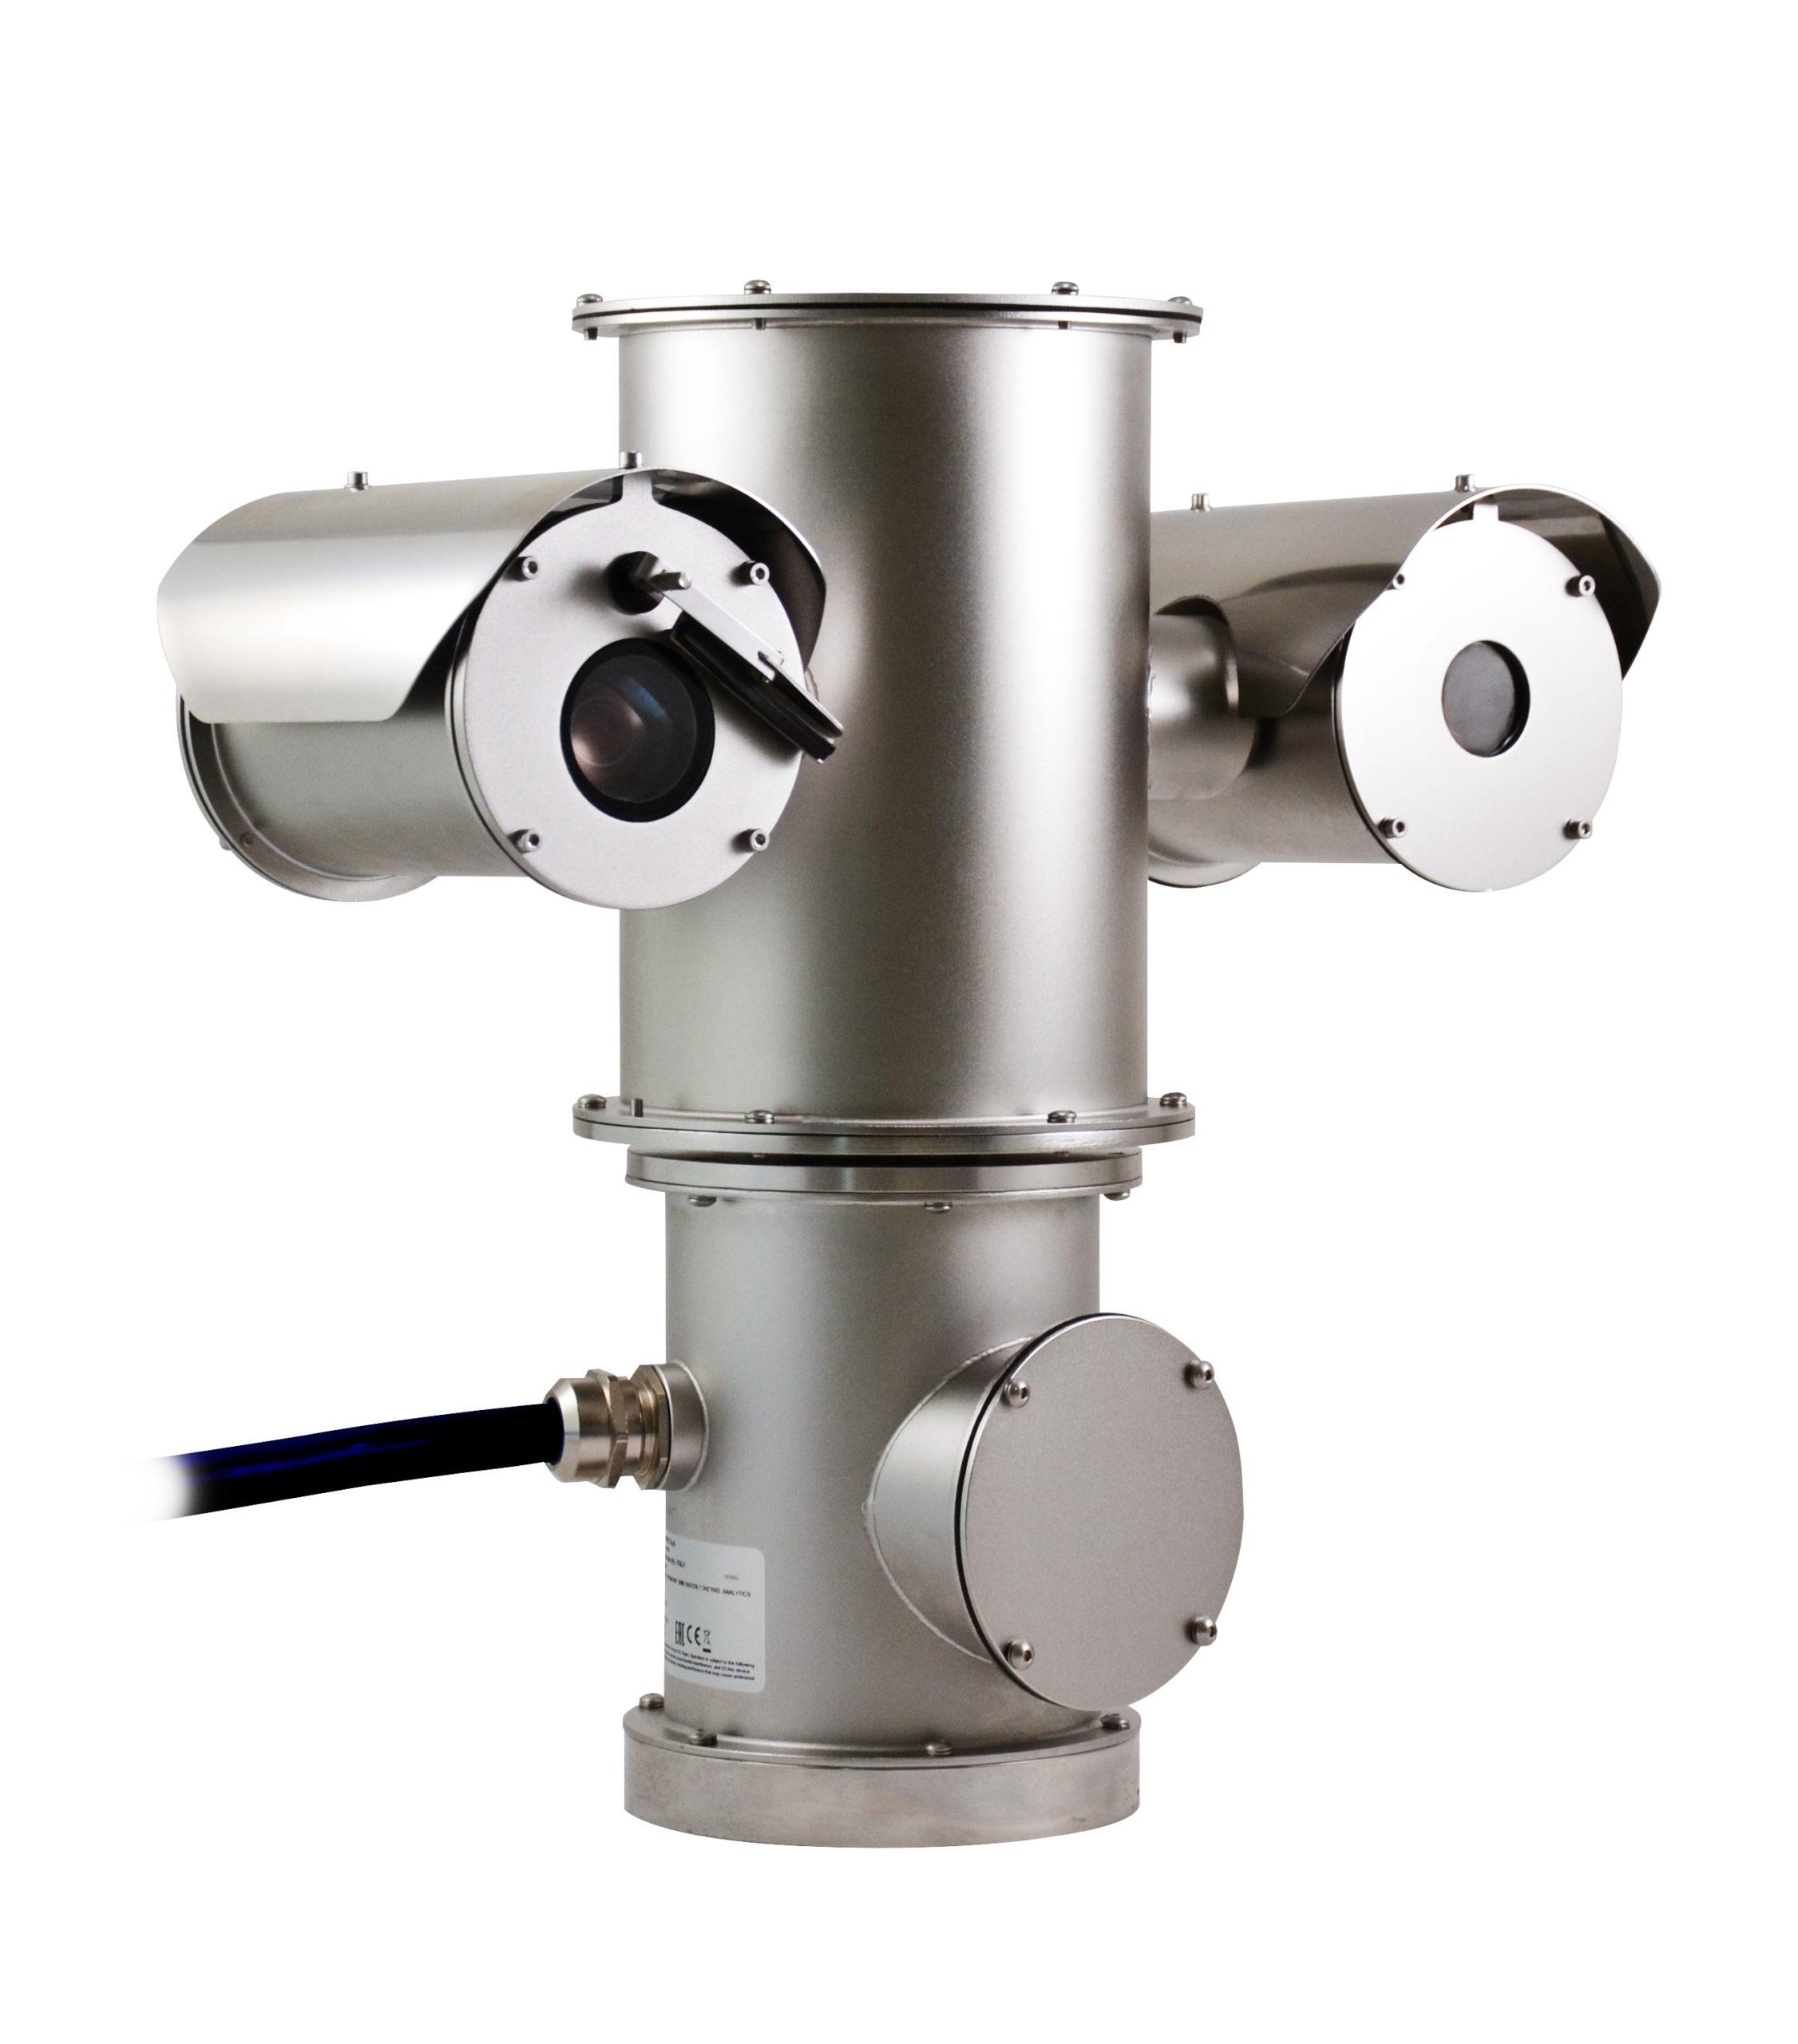 Visuel de la caméra NXPTZ T issue de la gamme de caméras de surveillance produites par Videotec et distribuées par SIPPRO Solutions IP Protection en France.